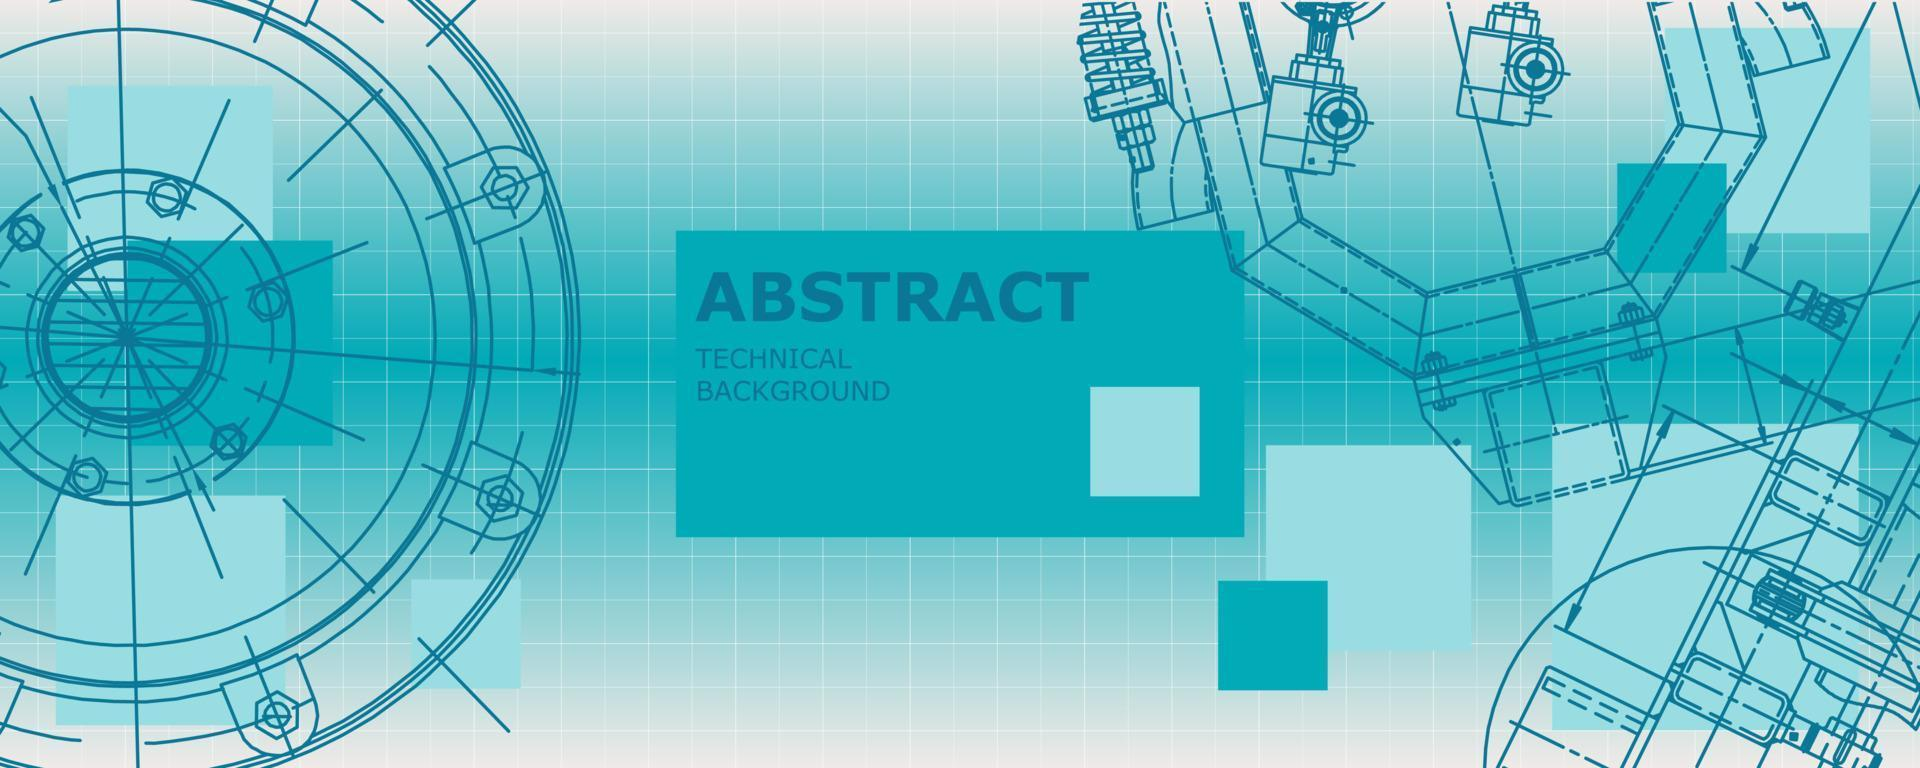 desenho abstrato da engenharia mecânica do conceito do fundo. papel de parede de engenharia vetor